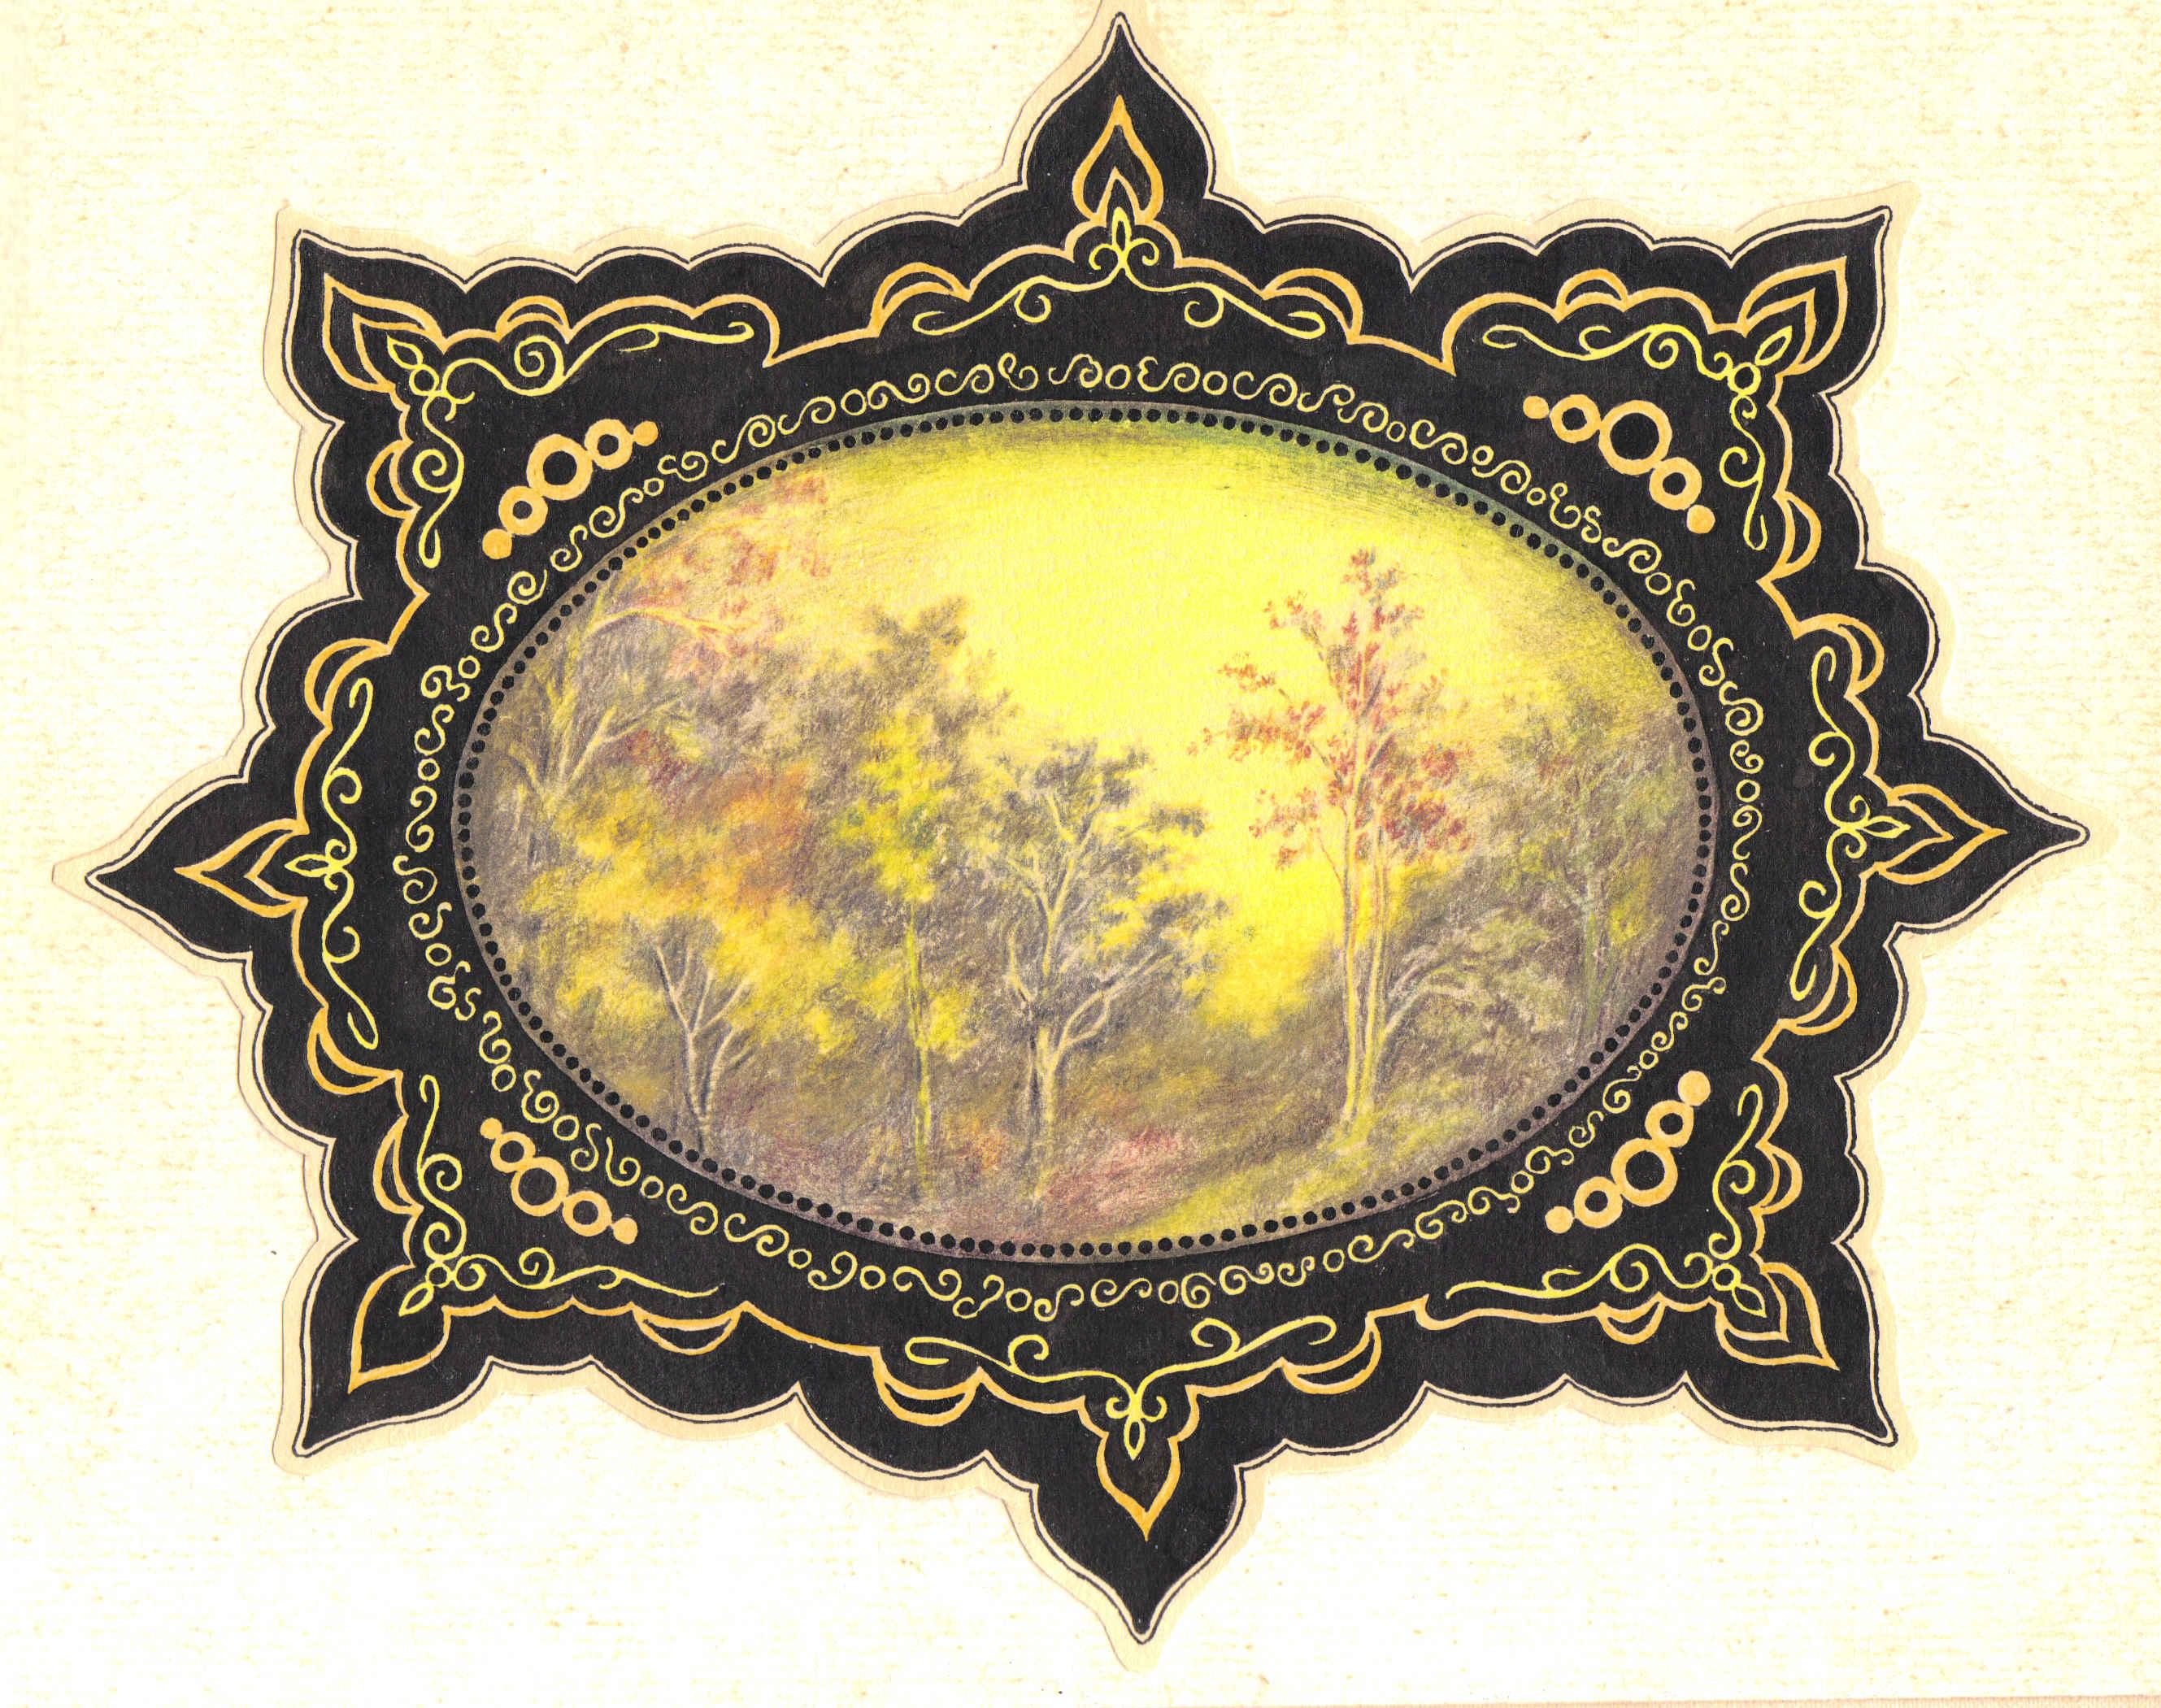 Рисунок №0001. Осень в рамке